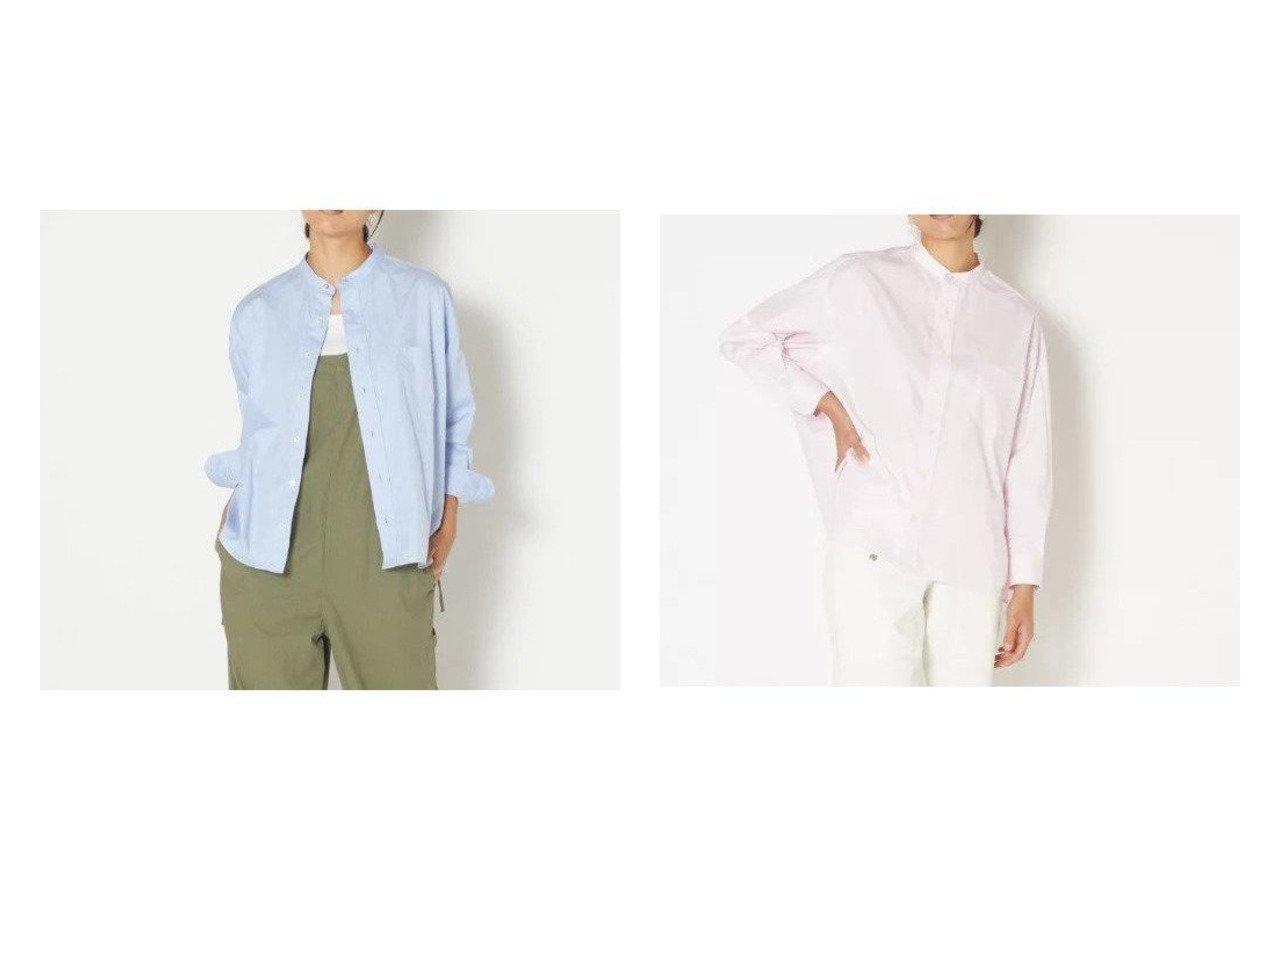 【TICCA/ティッカ】のノーカラースクエアービックシャツ トップス・カットソーのおすすめ!人気トレンド・レディースファッションの通販 おすすめで人気のファッション通販商品 インテリア・家具・キッズファッション・メンズファッション・レディースファッション・服の通販 founy(ファニー) https://founy.com/ ファッション Fashion レディース WOMEN トップス Tops Tshirt シャツ/ブラウス Shirts Blouses シルバー ドレープ ヴィンテージ 無地 長袖 |ID:crp329100000006240